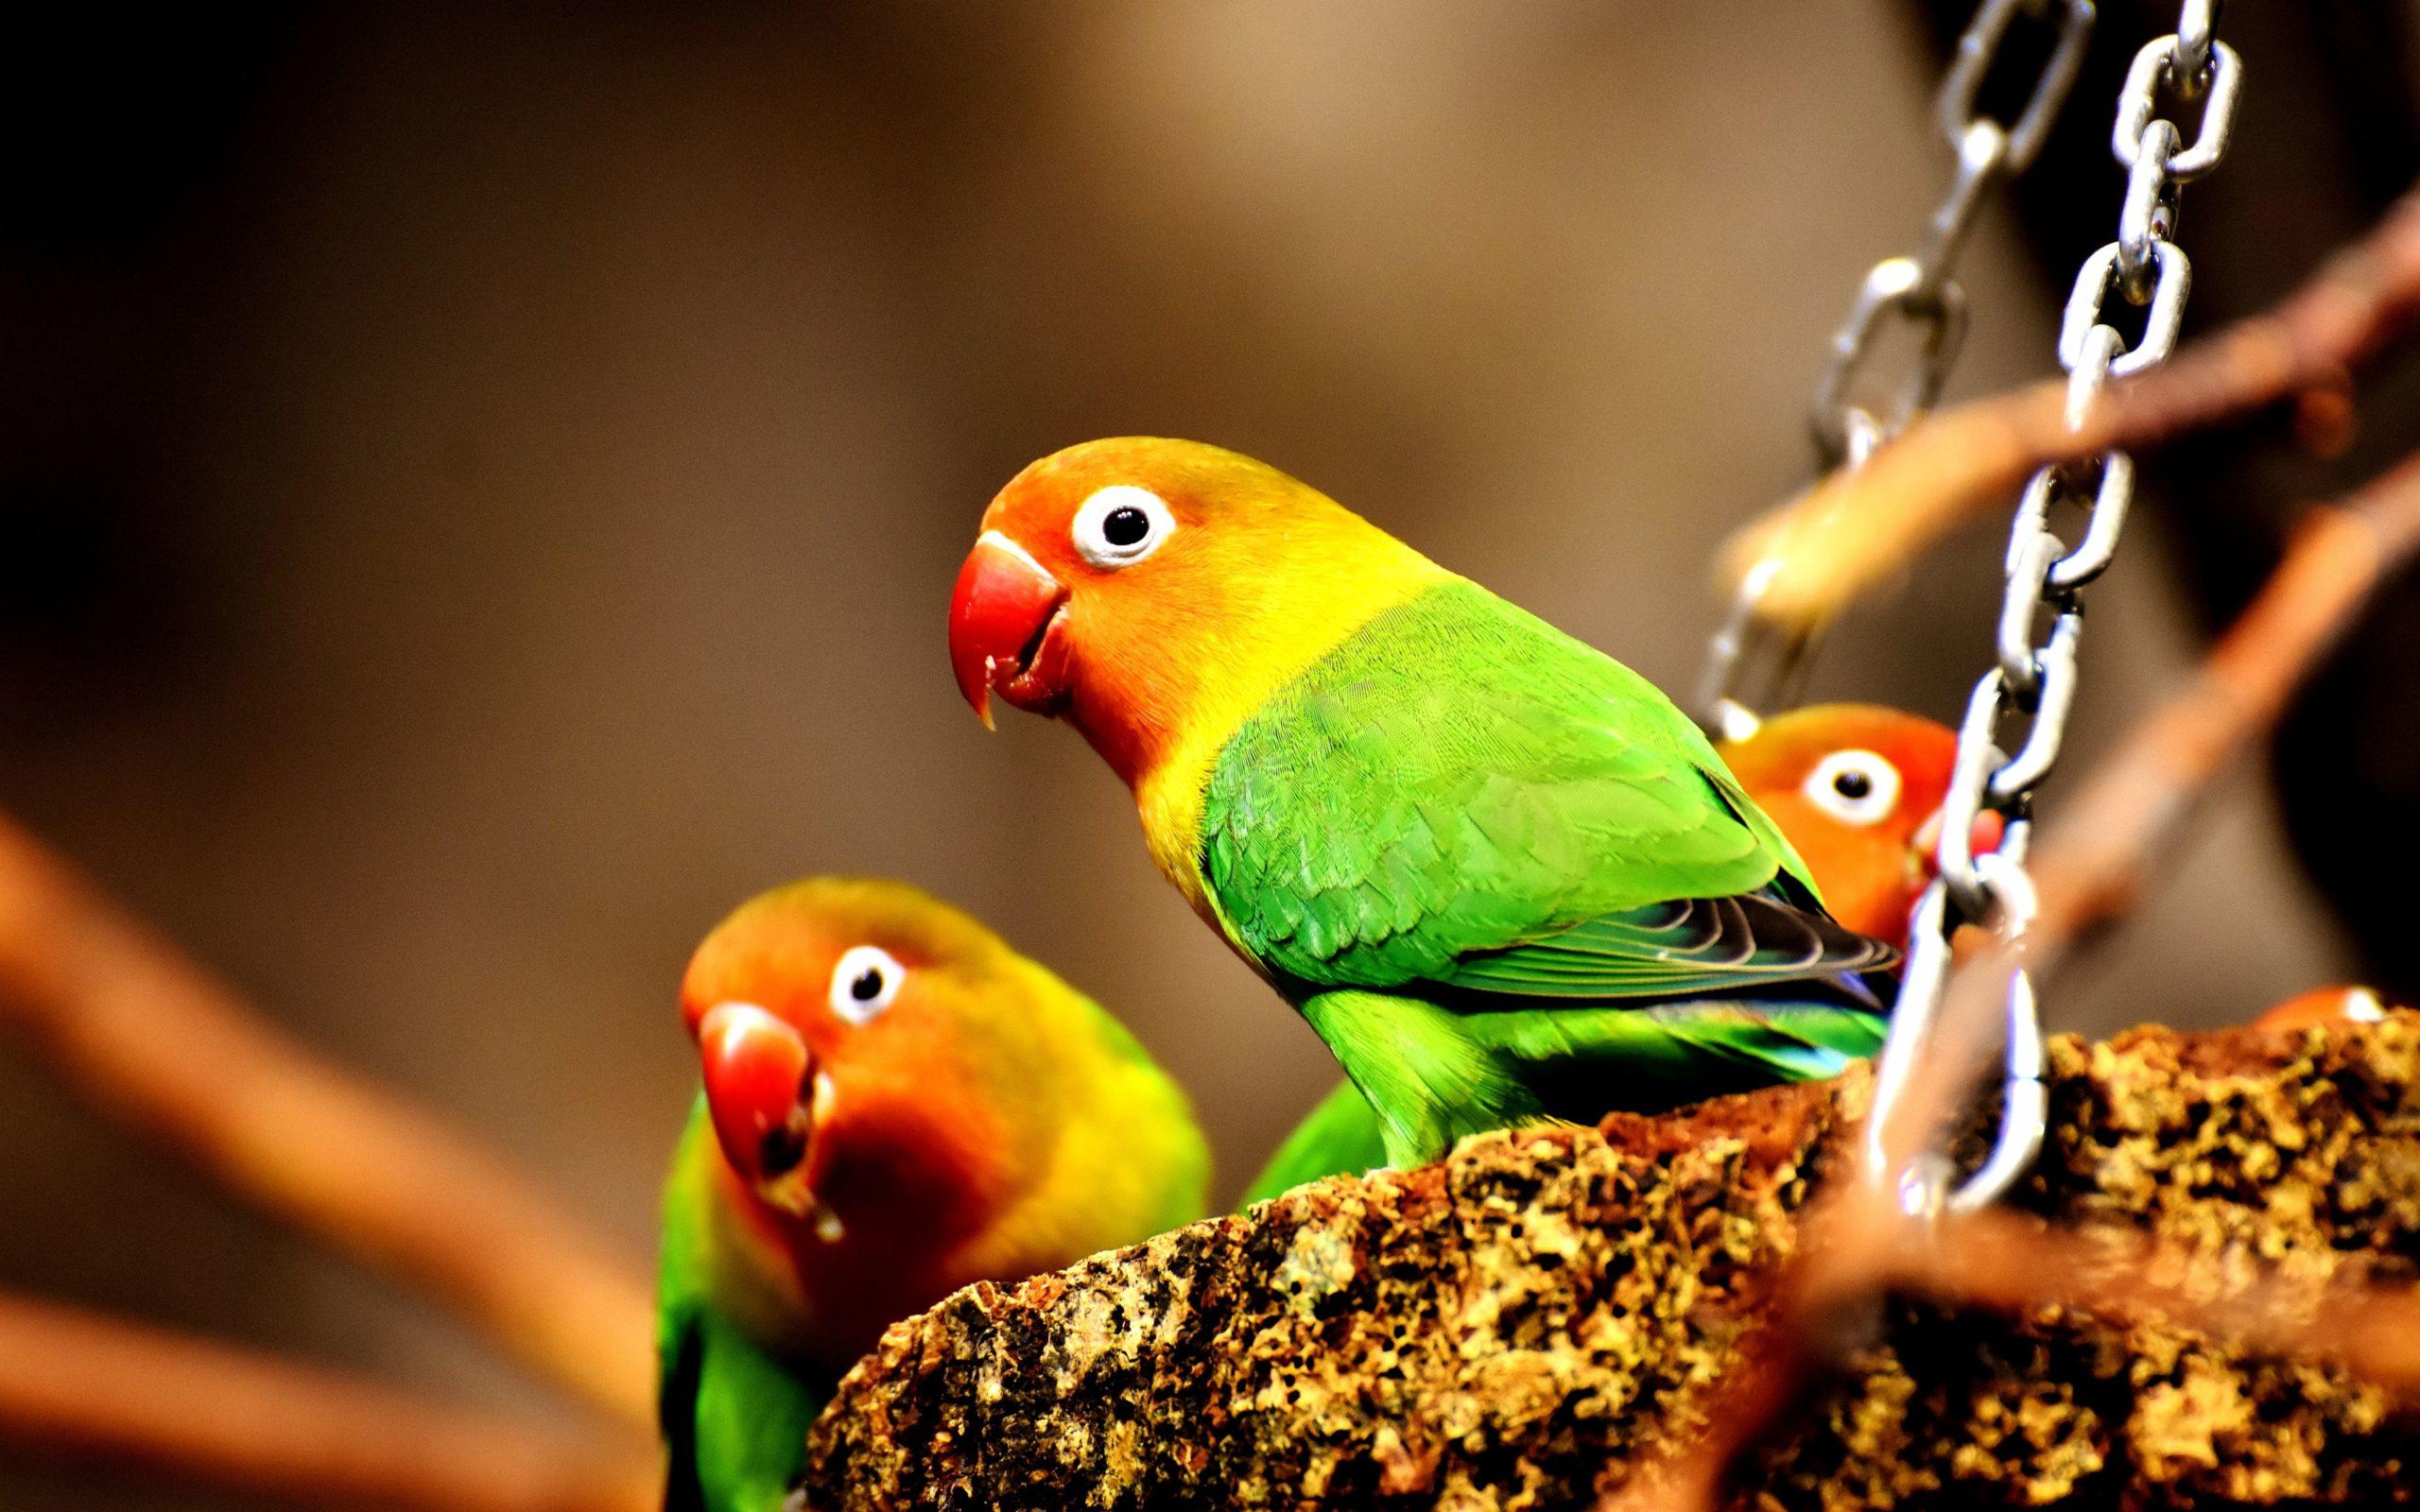 parrot birds images hd